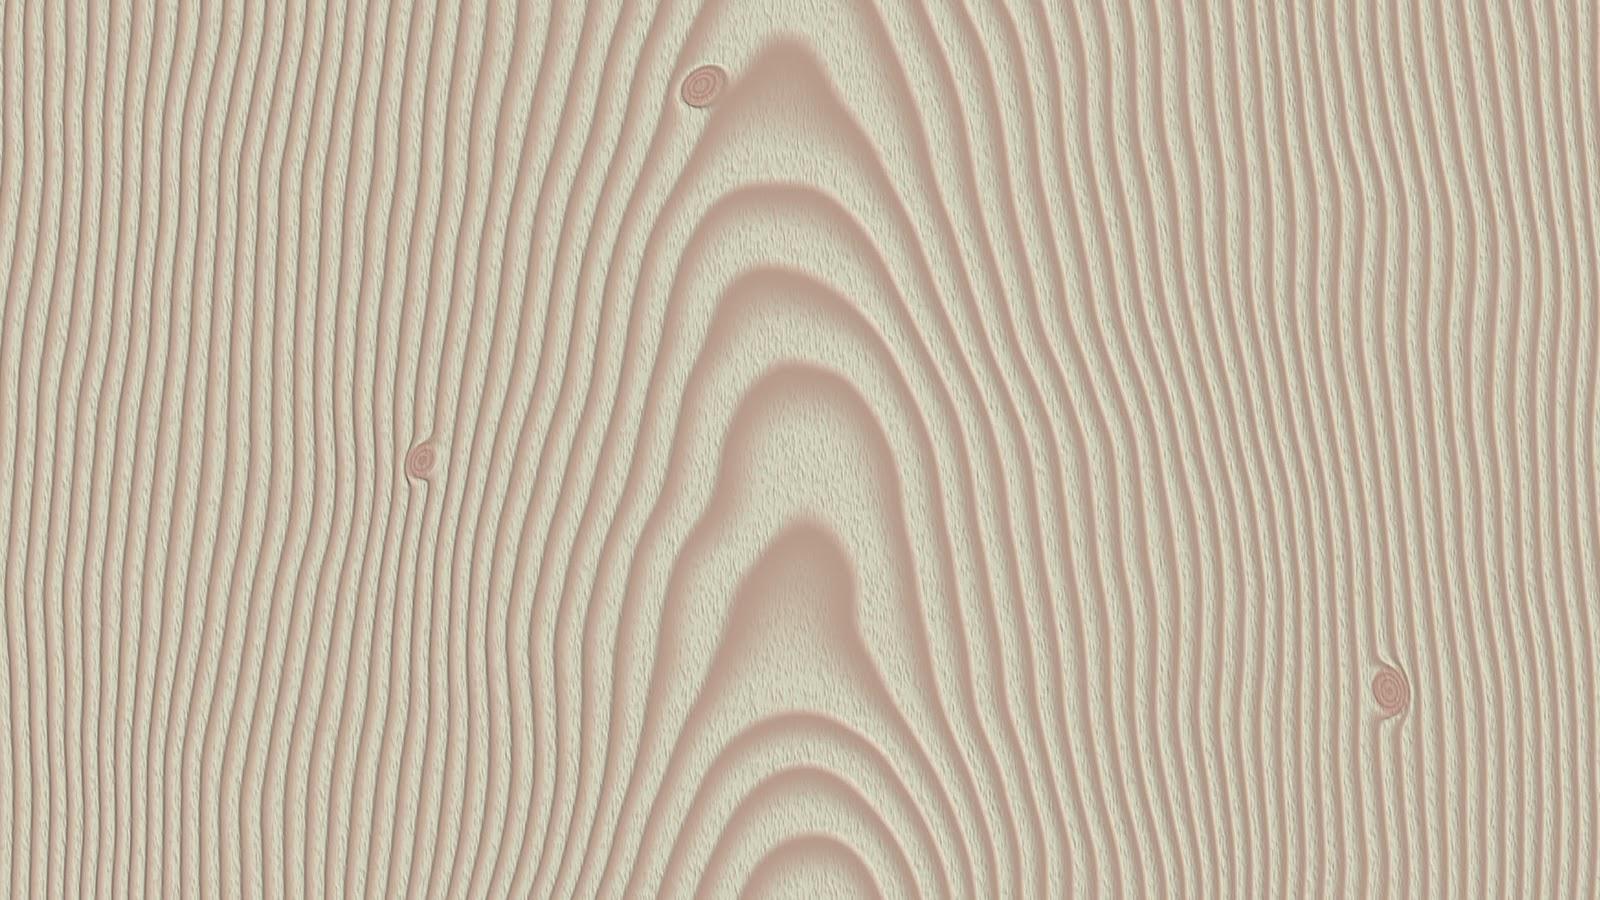 houten achtergronden hd - photo #37